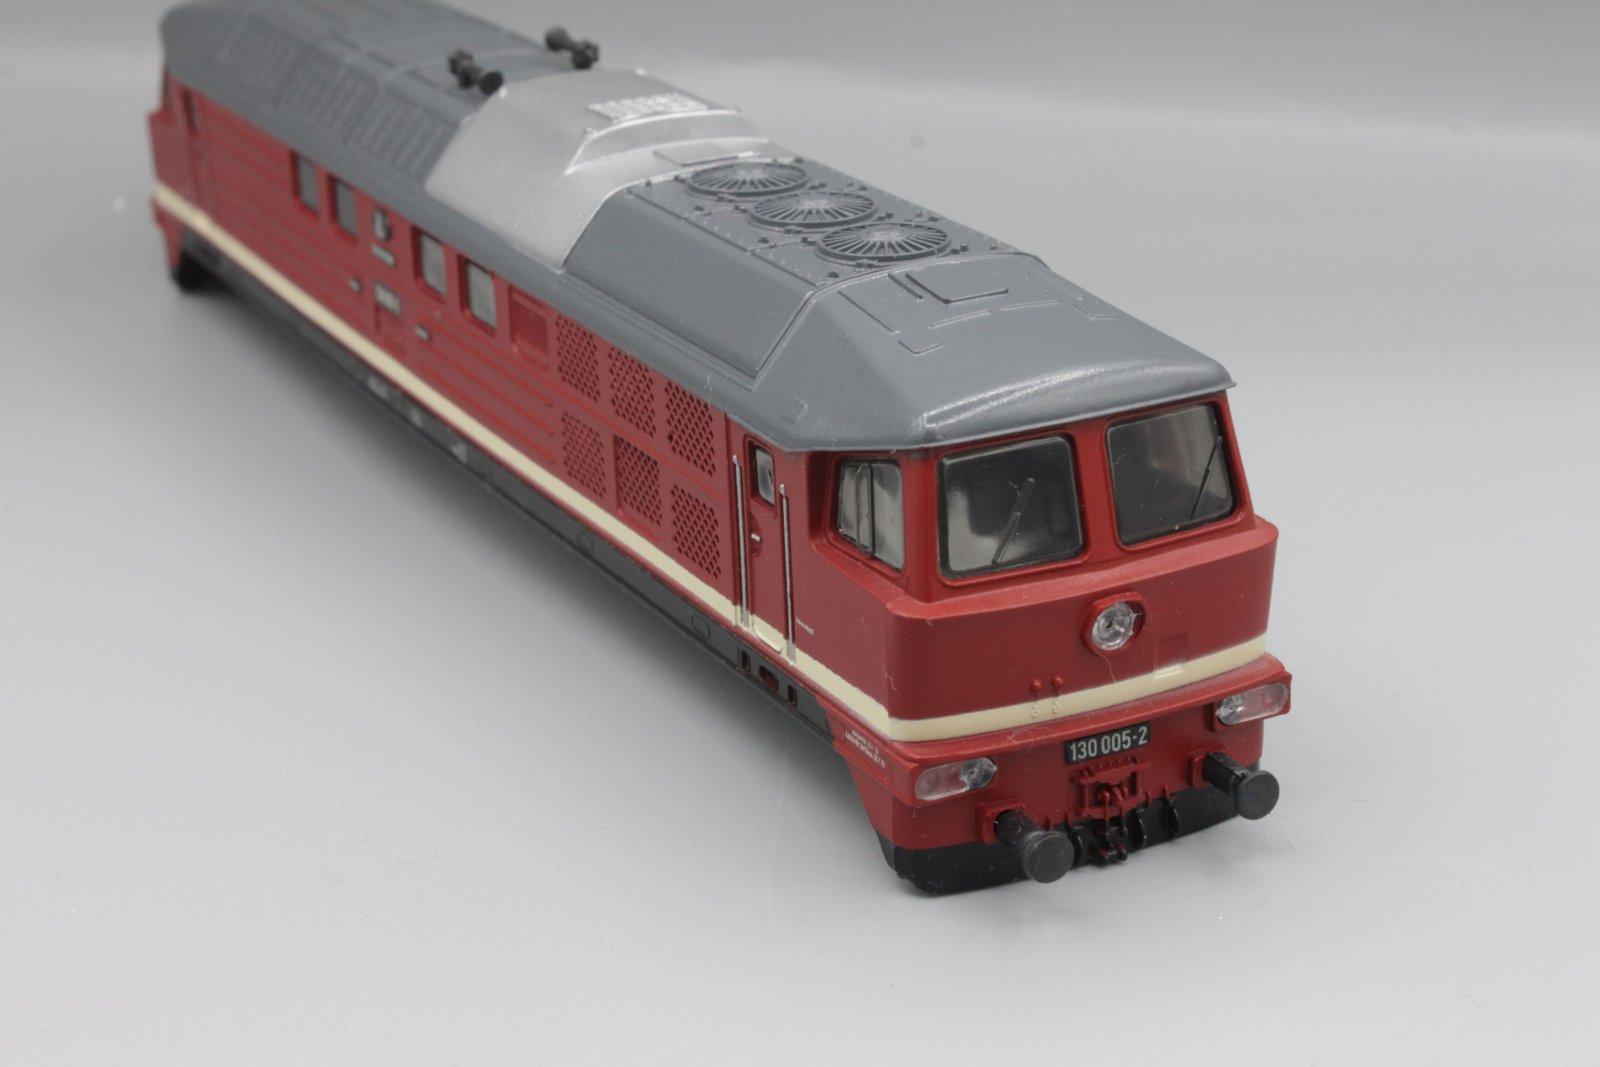 Ersatzteil Piko 130 Gehäuse 130 005-2 DR - Piko H0 (DDR)- rote Schürze